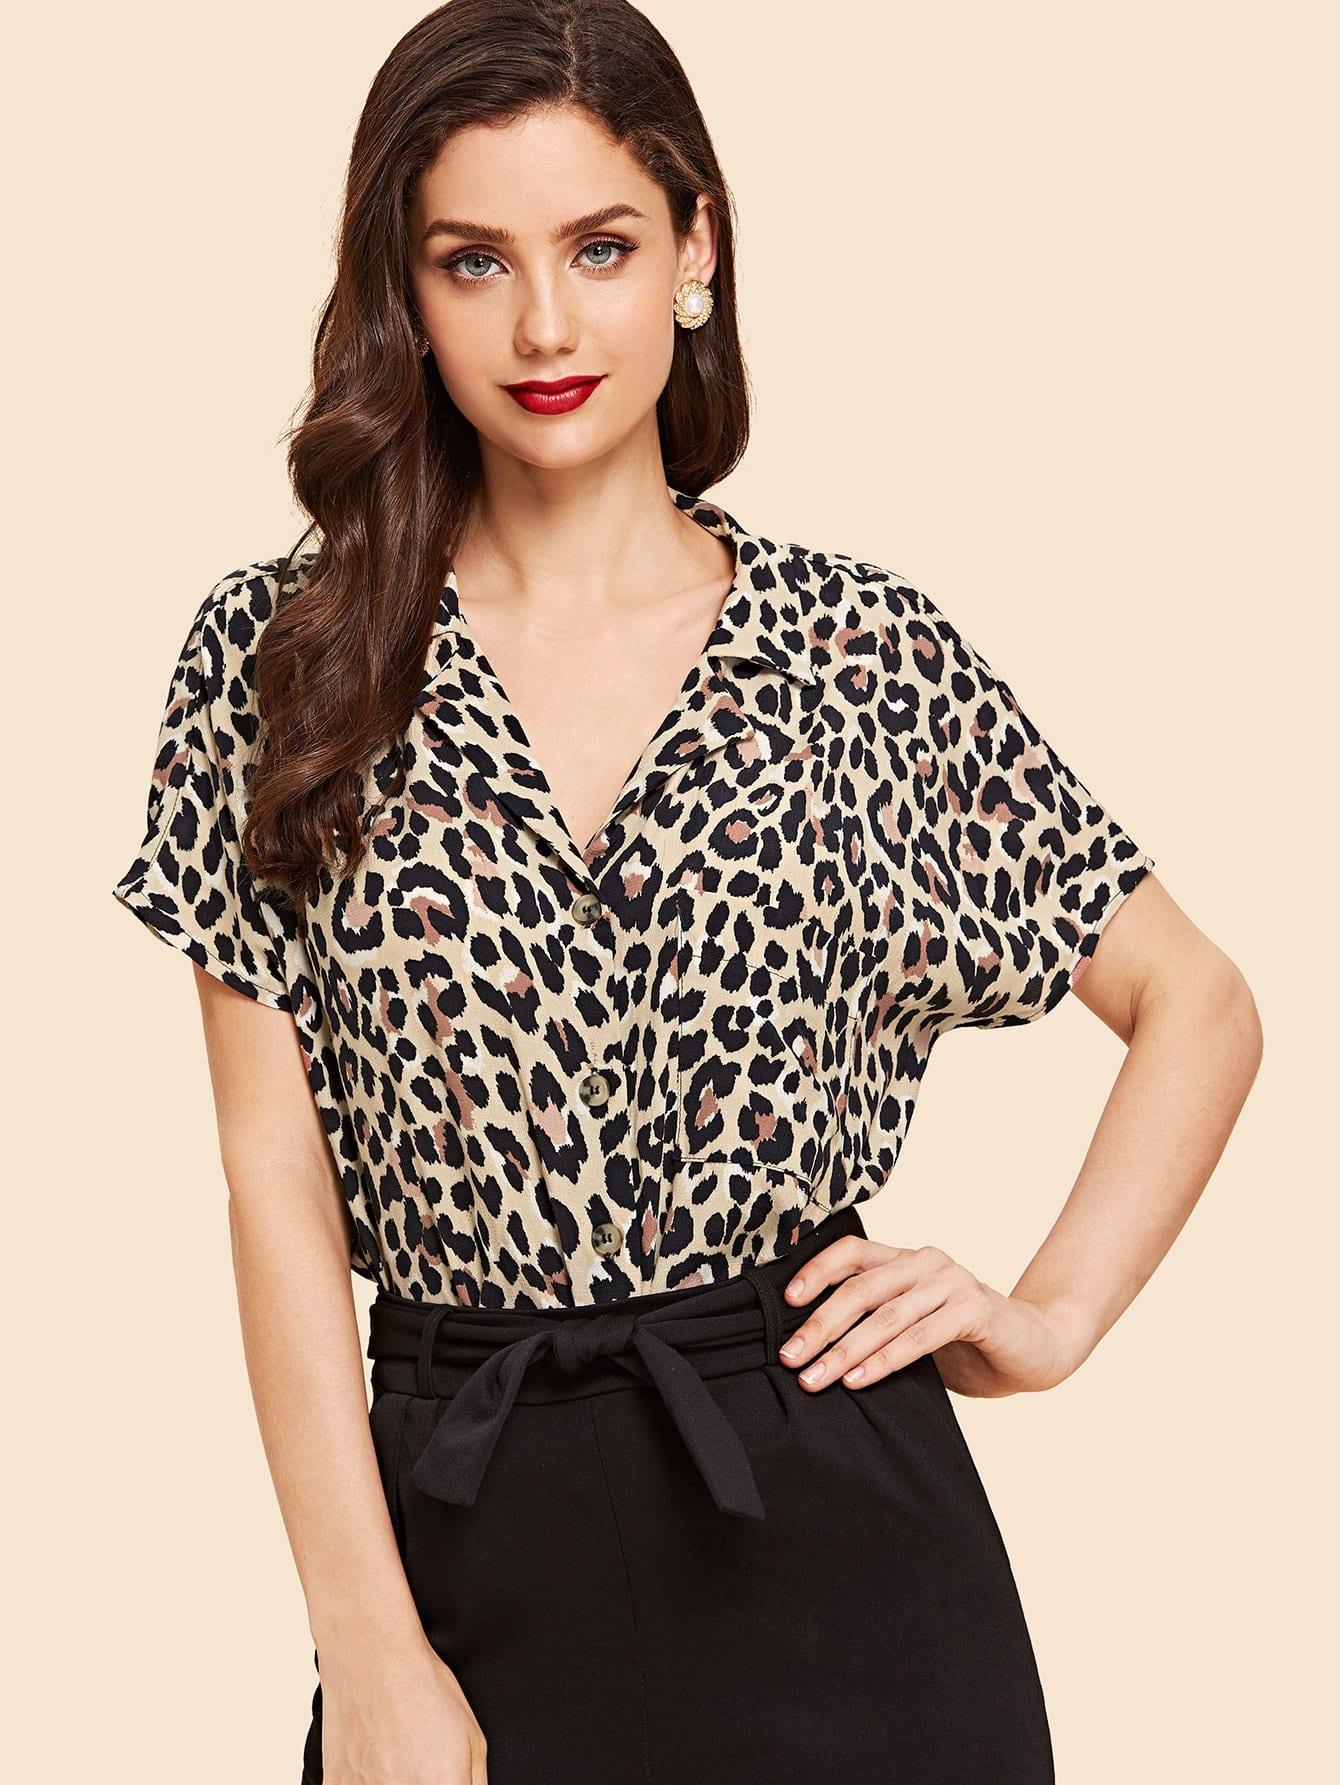 Леопардовая футболка в форме кожана, Julie H., SheIn  - купить со скидкой